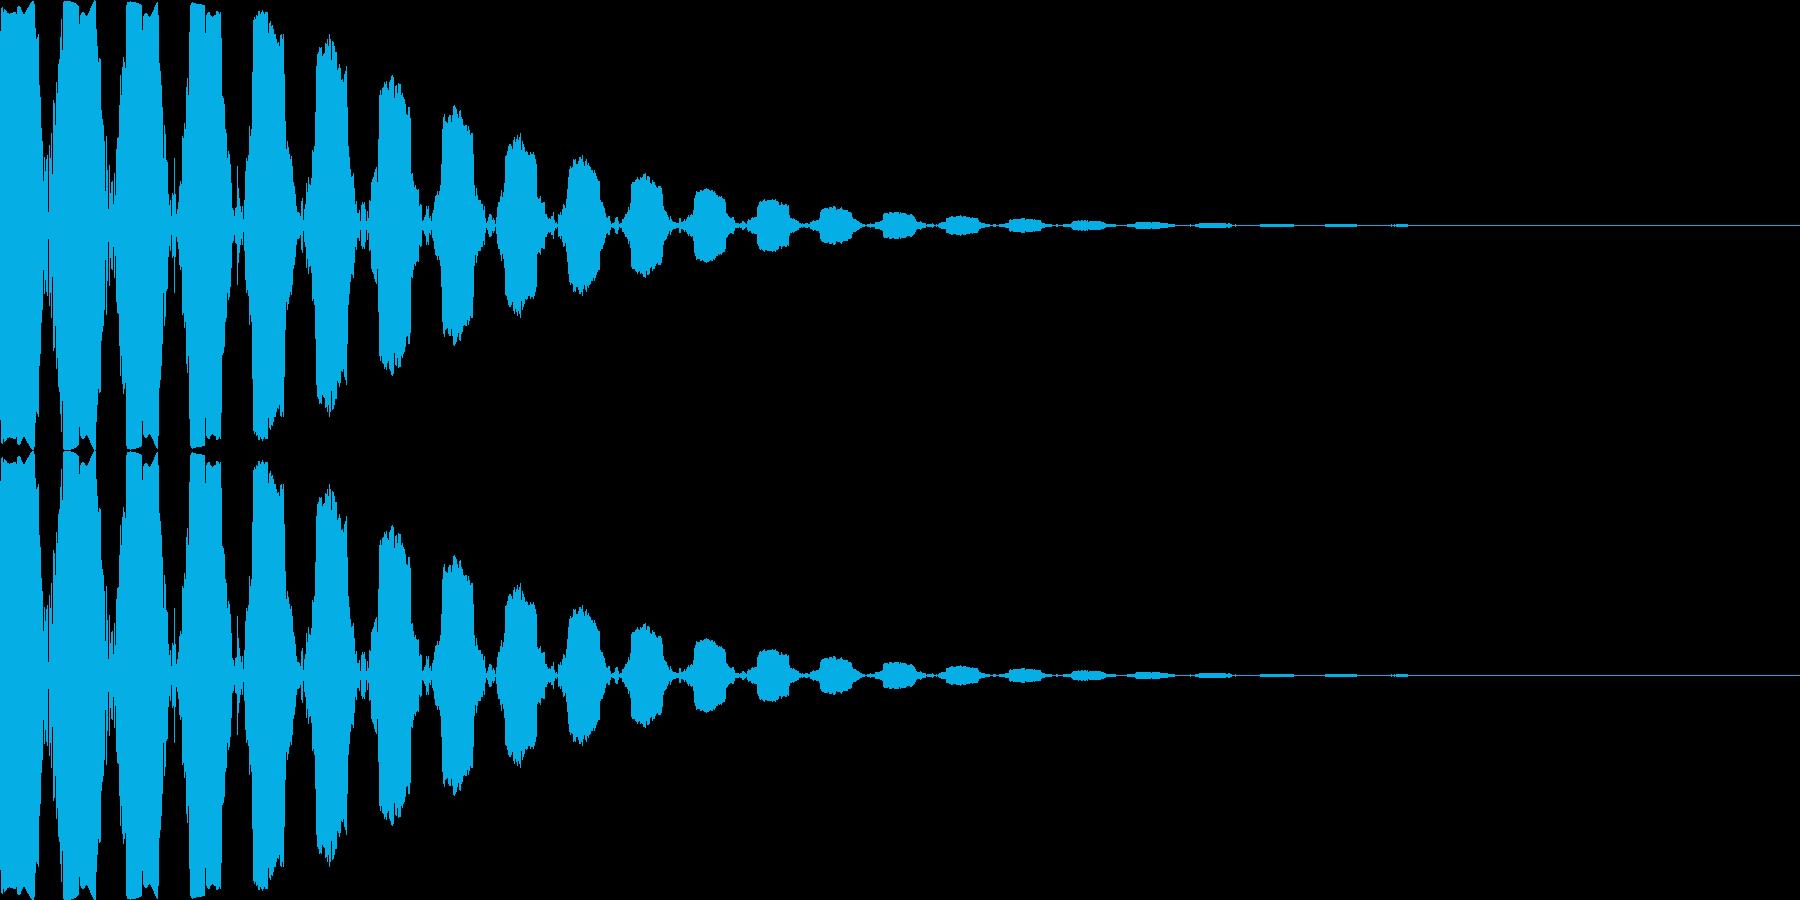 [プッ]カーソル移動/決定音/03の再生済みの波形